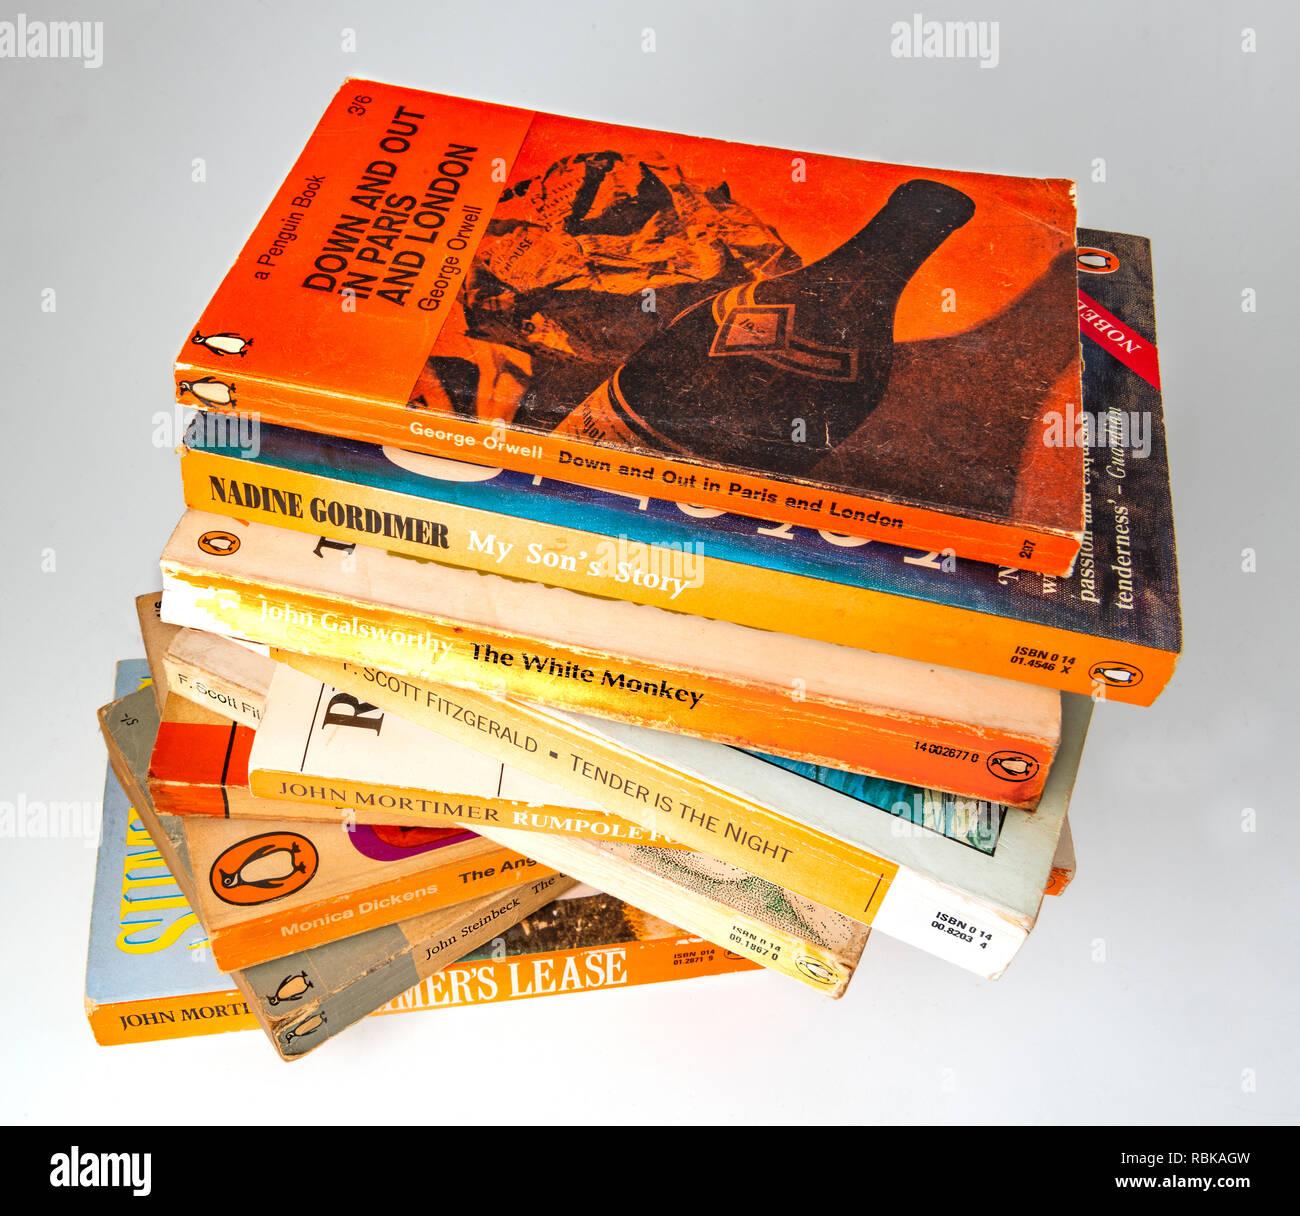 Sammlung von Pinguin Papier wieder Bücher erfassen Staub auf einem Regal für 20 Jahre überlassen bleibt. Stockbild